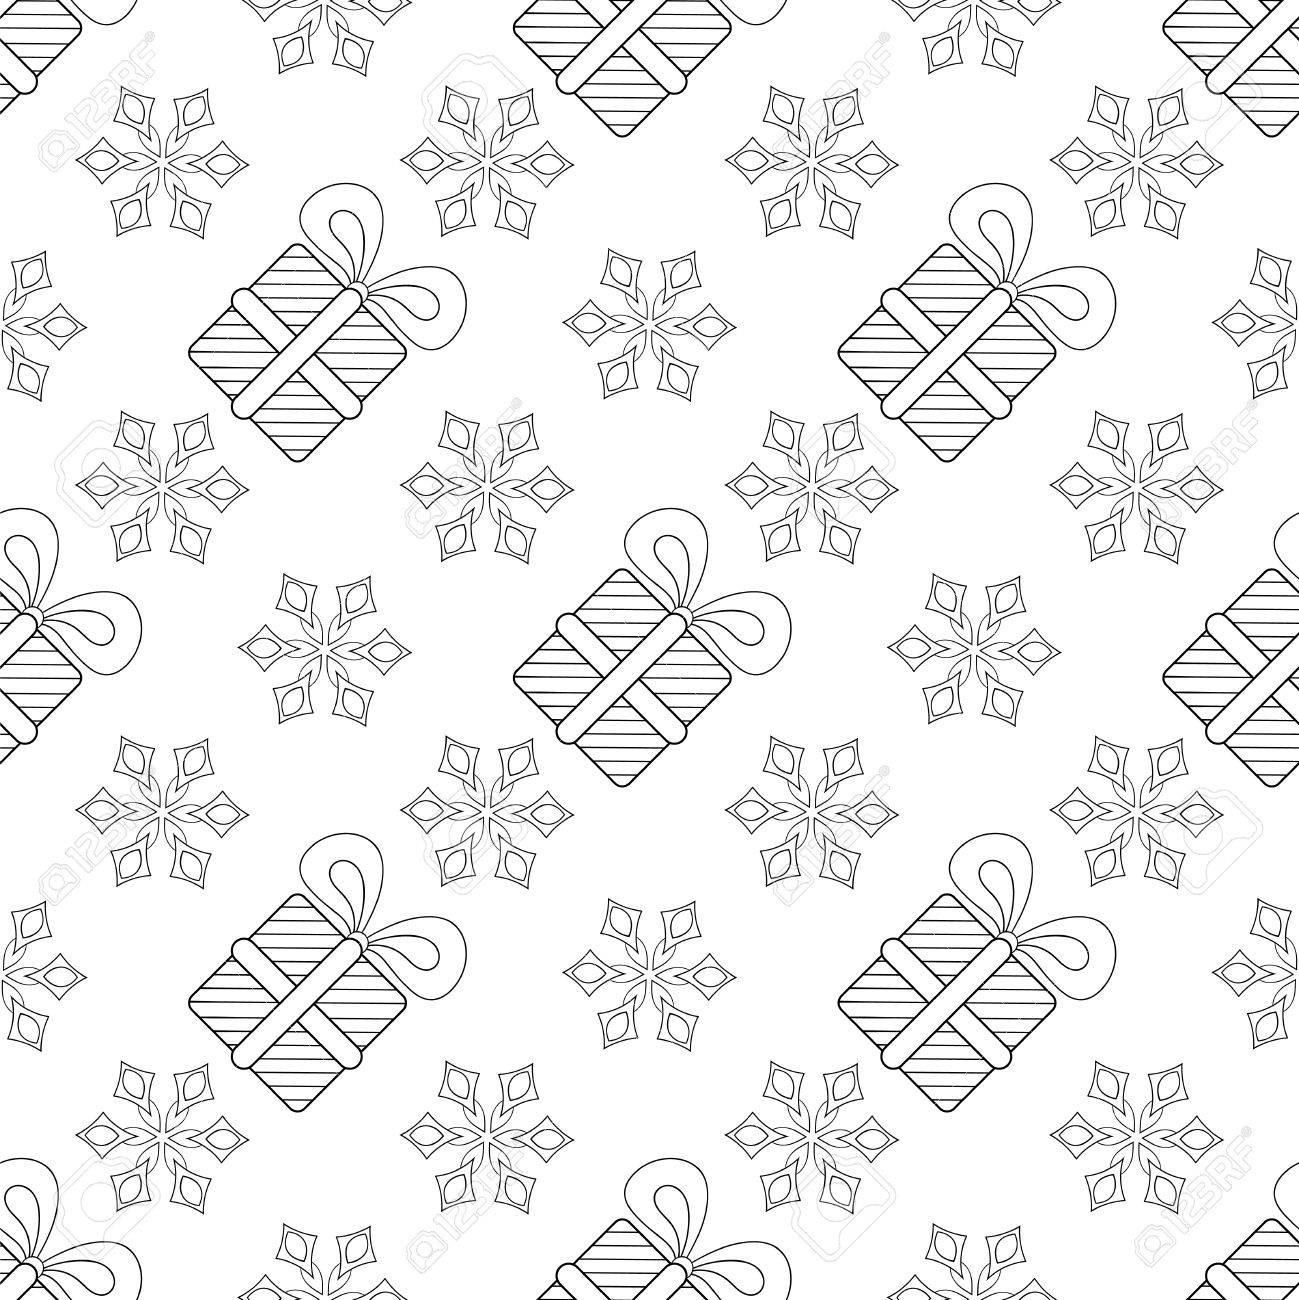 Flocons De Neige Avec Modele Sans Couture De Boite Cadeau De Noel